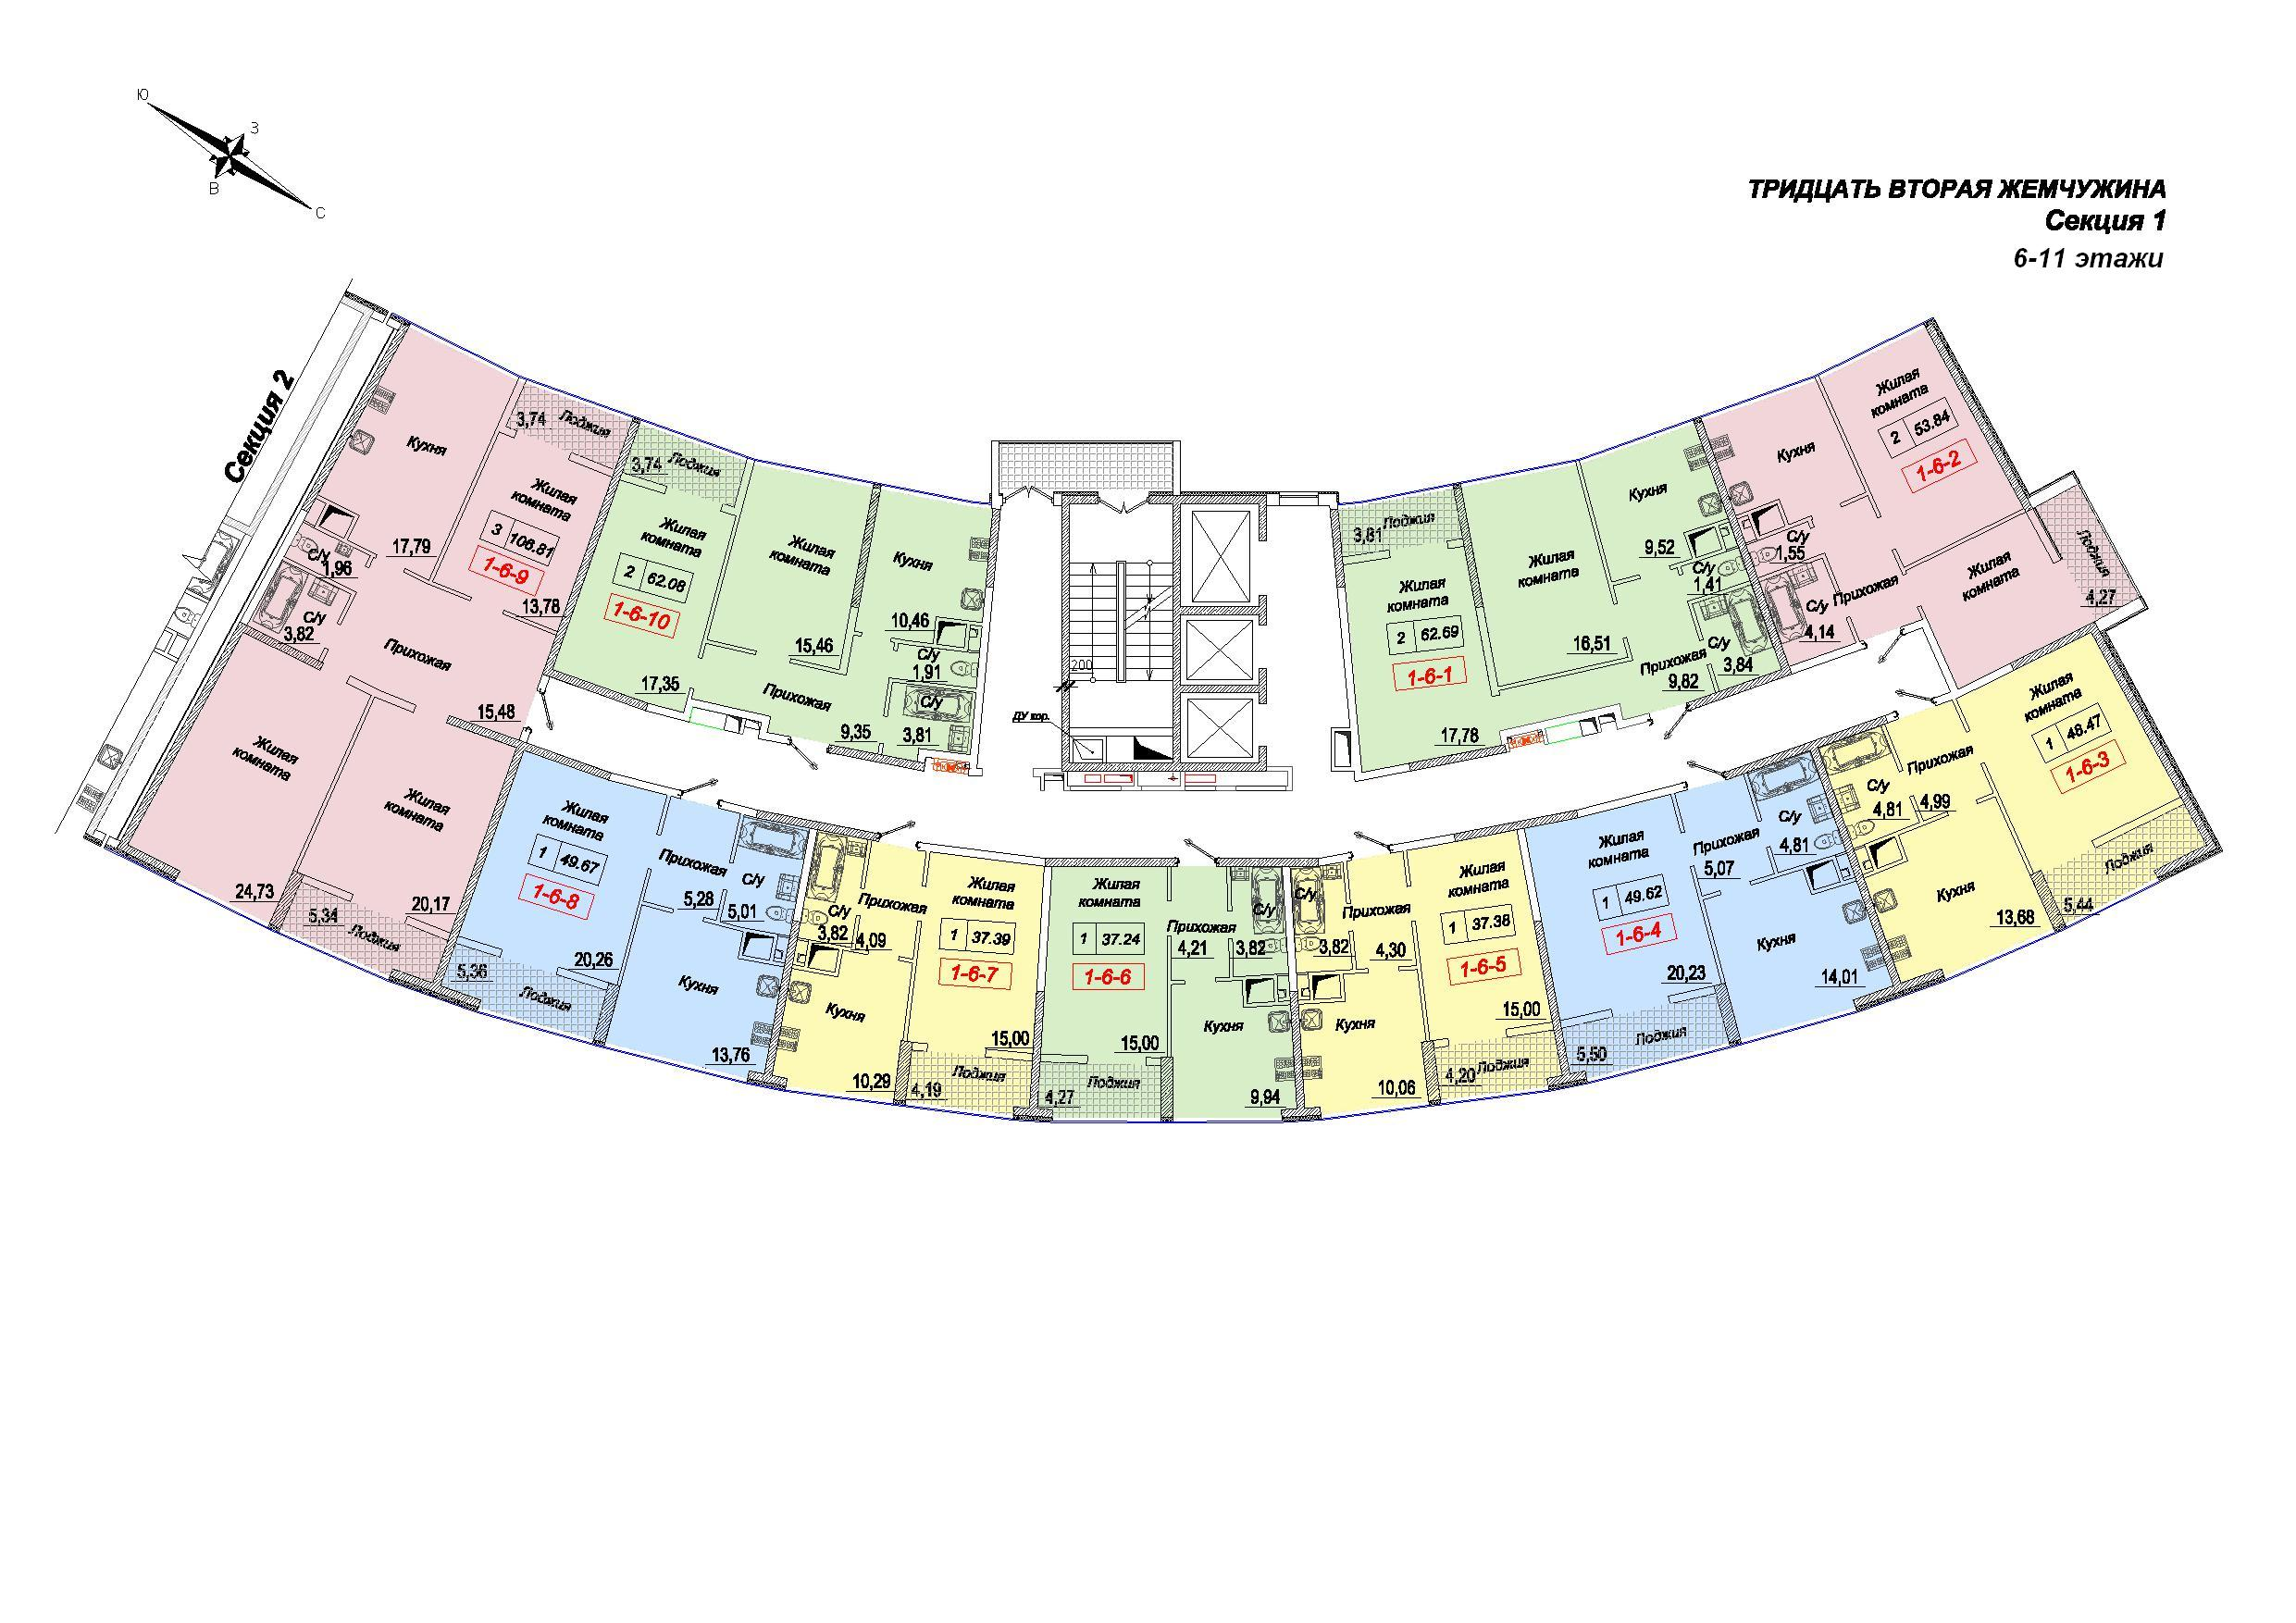 ЖК 32 Жемчужина 1 секция 6-11 этажи